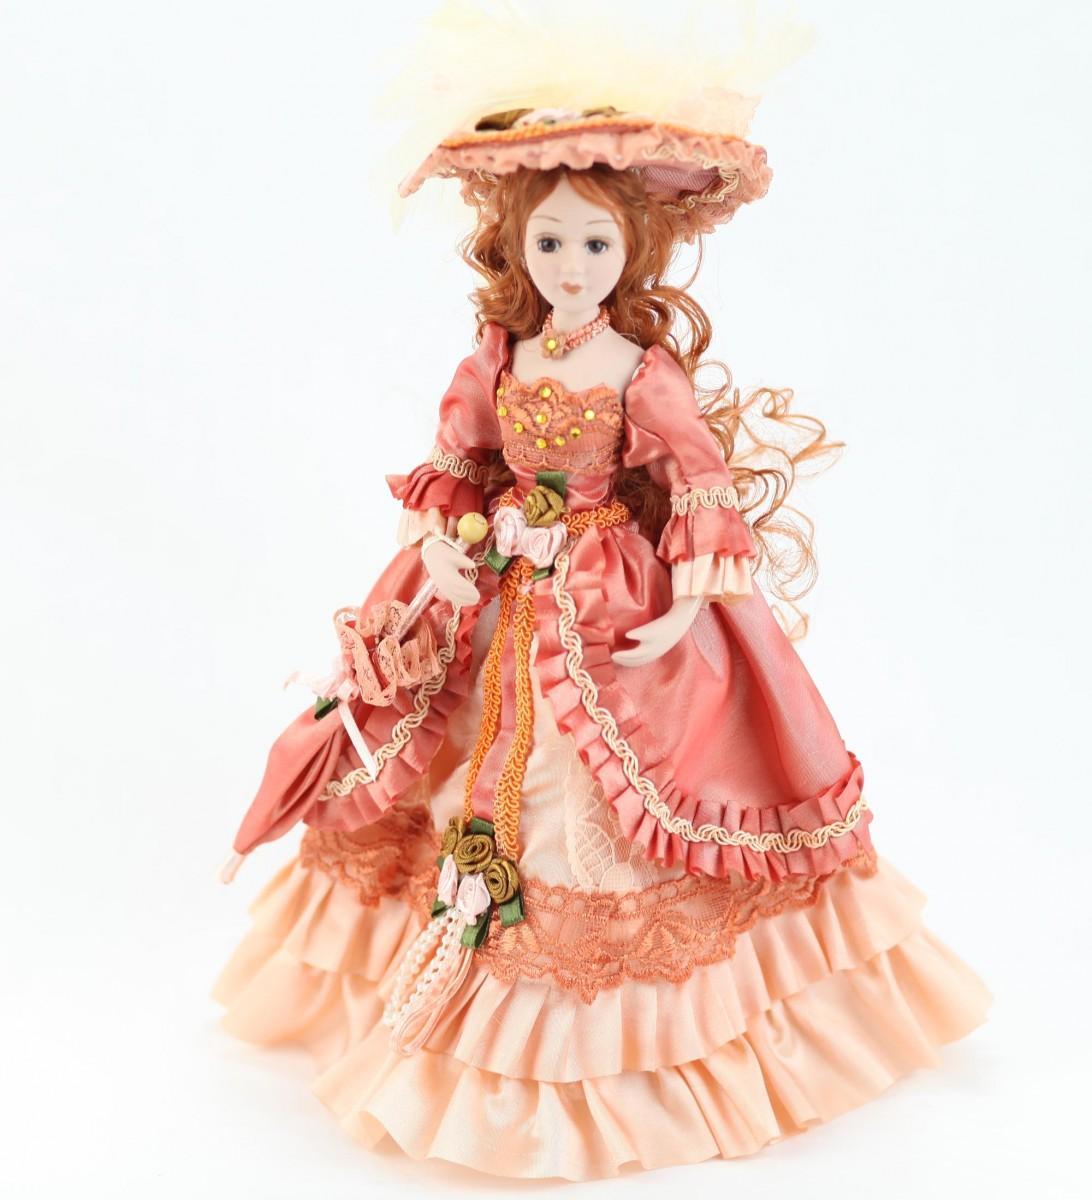 Фарфоровая кукла, ручной работы. В Викторианском стиле. Съемная подставка. В подарочной упаковке, 25 см на peresvet.by